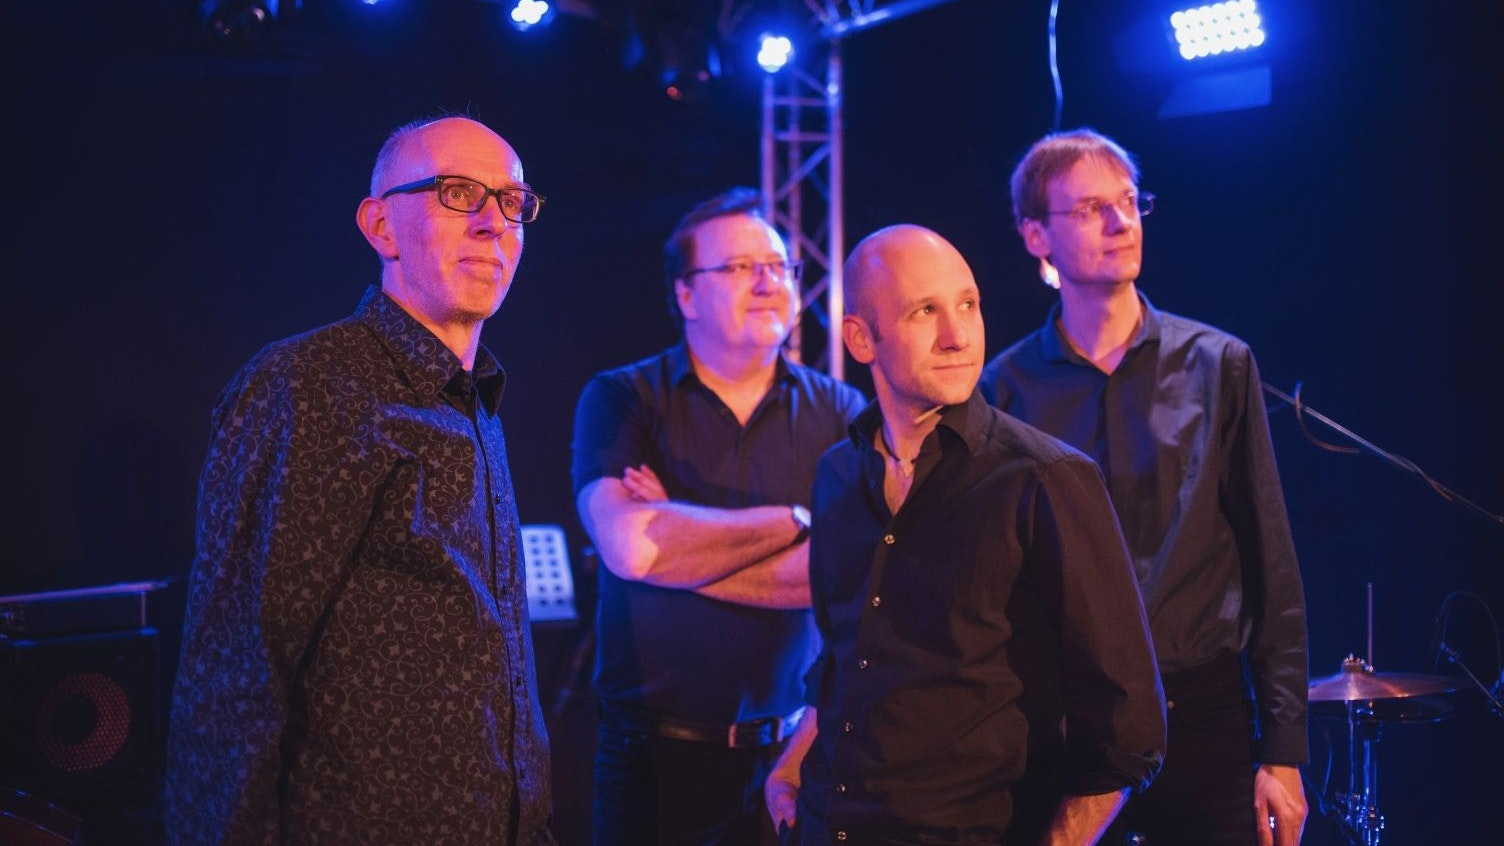 """Barock trifft Blues: Das ist das Konzept der Band """"Blue Note Bach"""", die beim Kultursommer auftreten. Foto: Yannick Mayntz"""